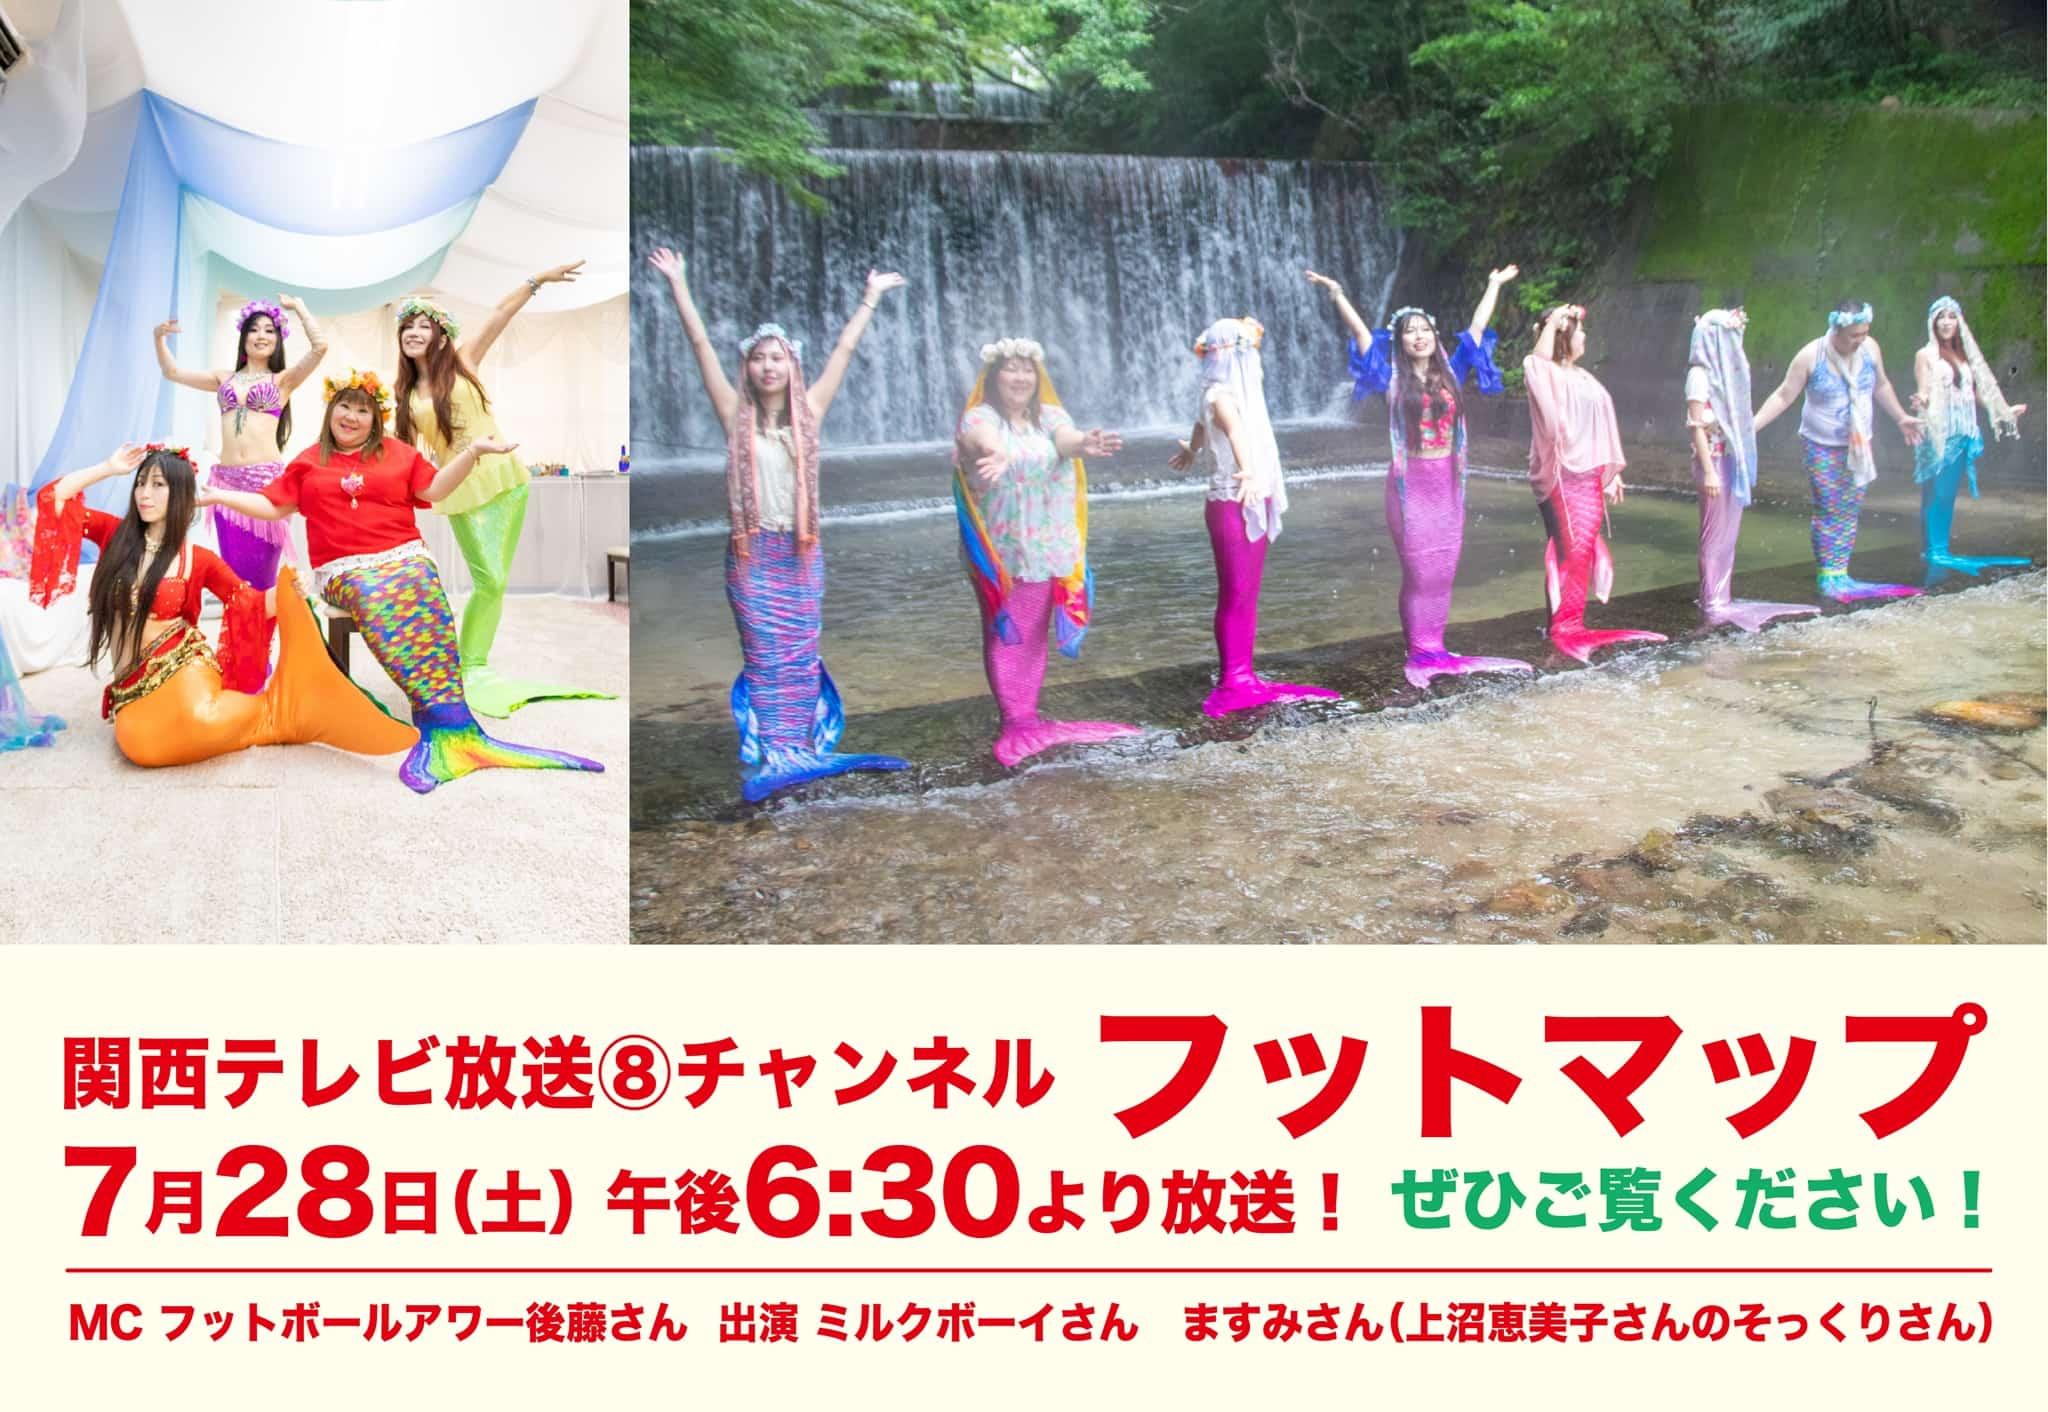 20200728_関西テレビ放送_フットマップ_02_x2048